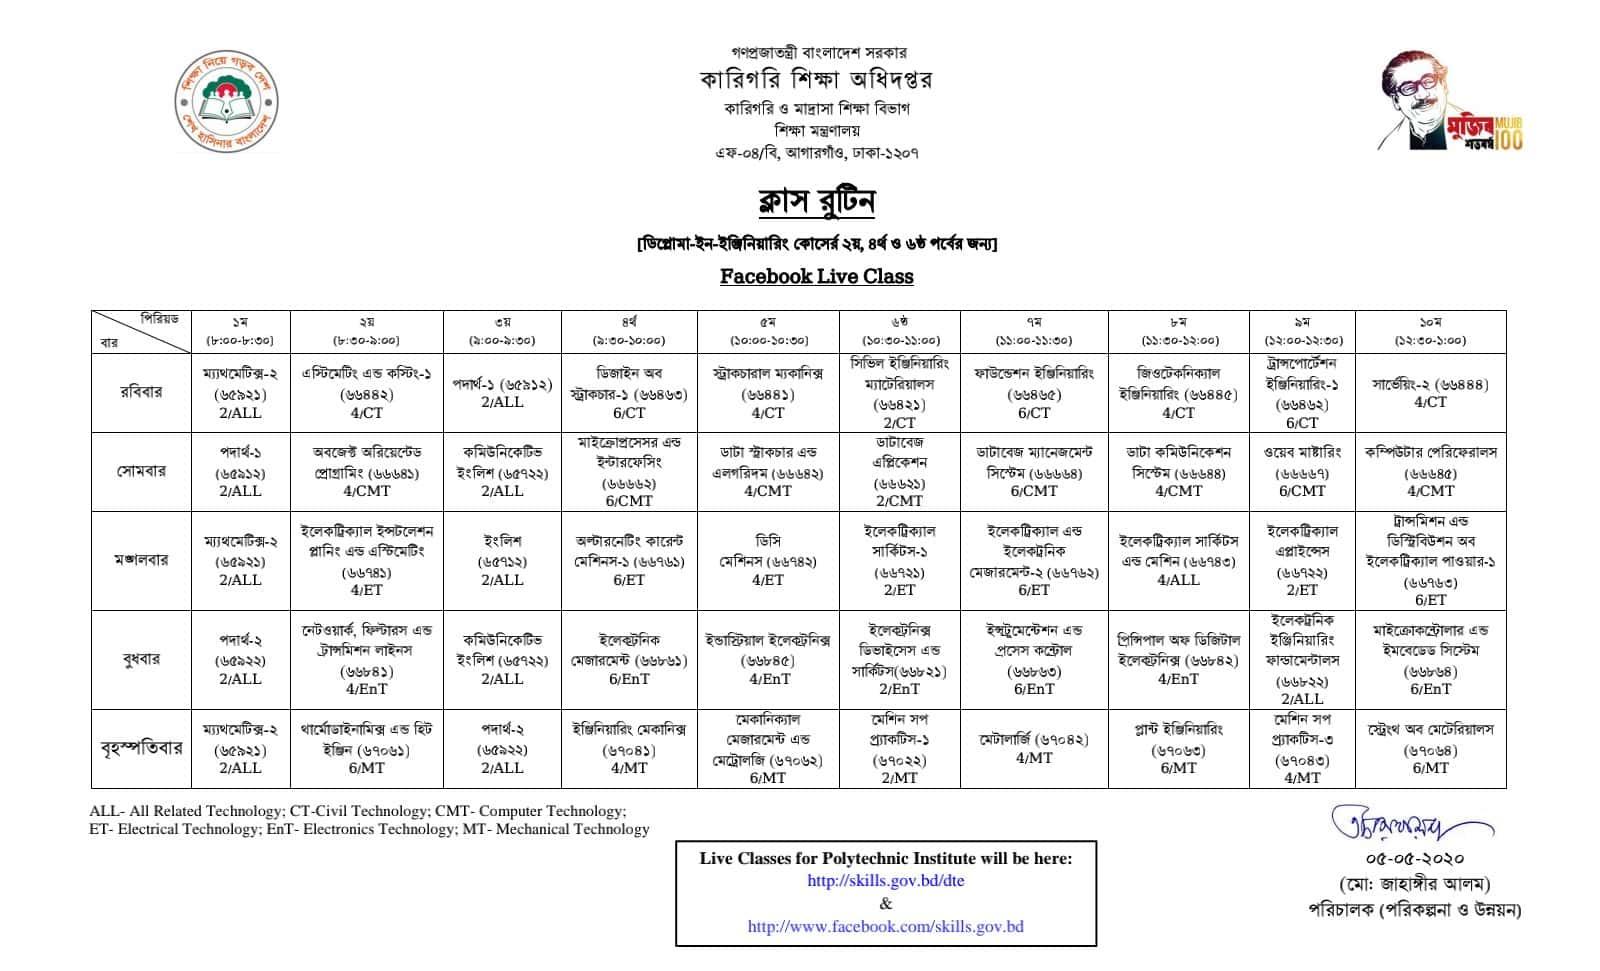 ডিপ্লোমা ইন ইঞ্জিনিয়ারিং কোর্সের জন্য Facebook Live Class এর রুটিন ২০২০ |ডিপ্লোমা ইন ইঞ্জিনিয়ারিং কোর্সের জন্য Facebook Live Class এর রুটিন